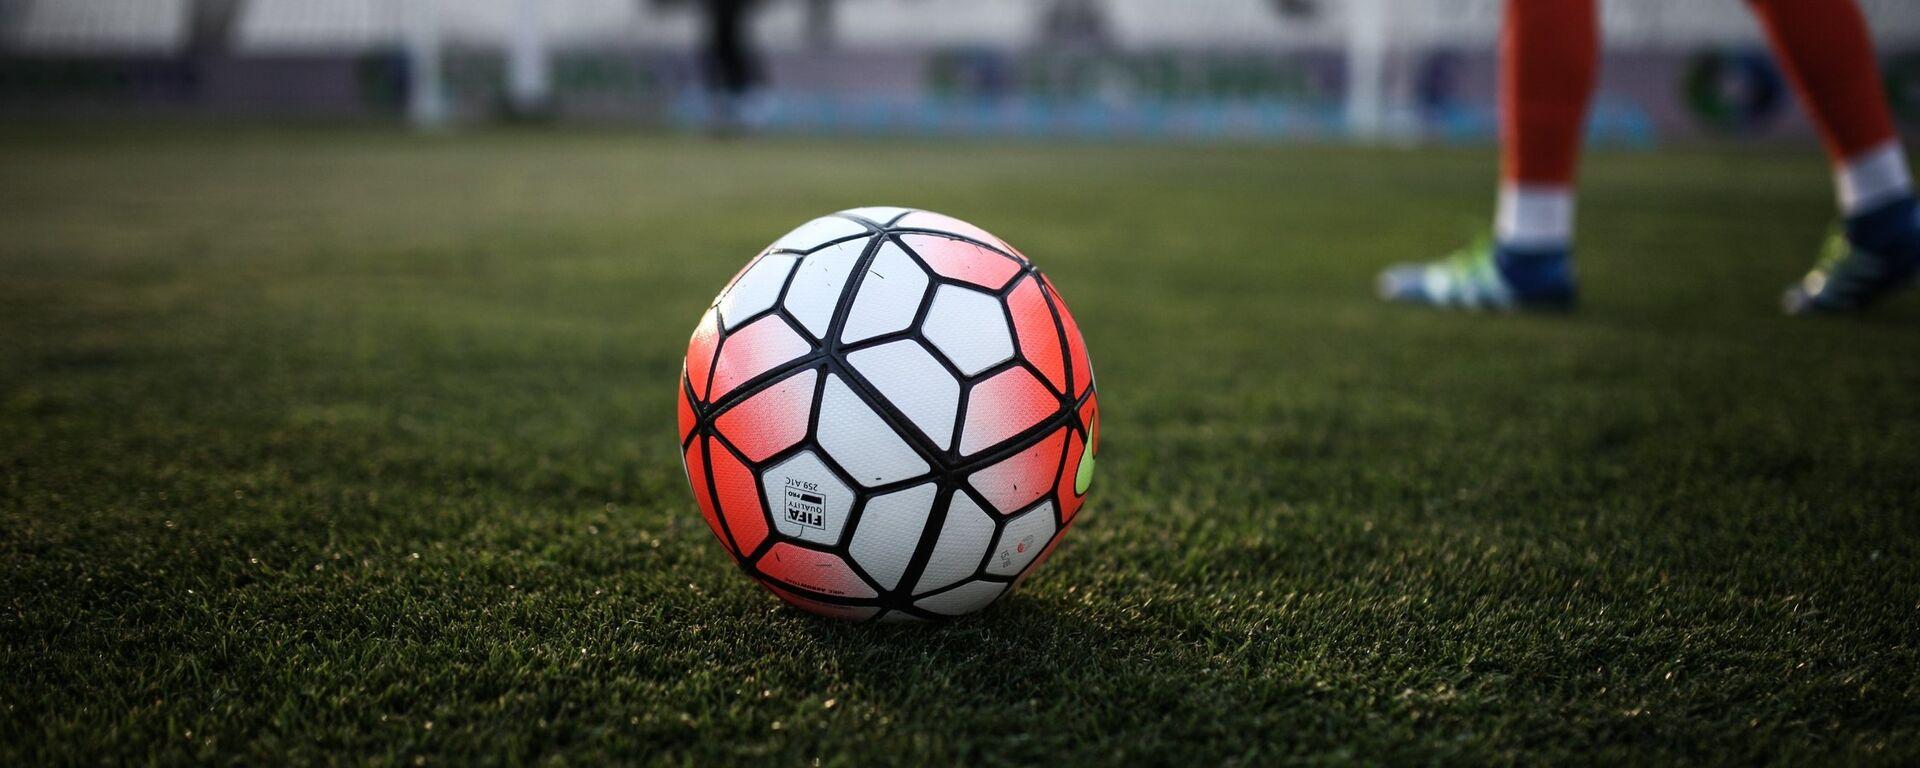 Μπάλα ποδοσφαίρου 2018 - Sputnik Ελλάδα, 1920, 21.09.2021